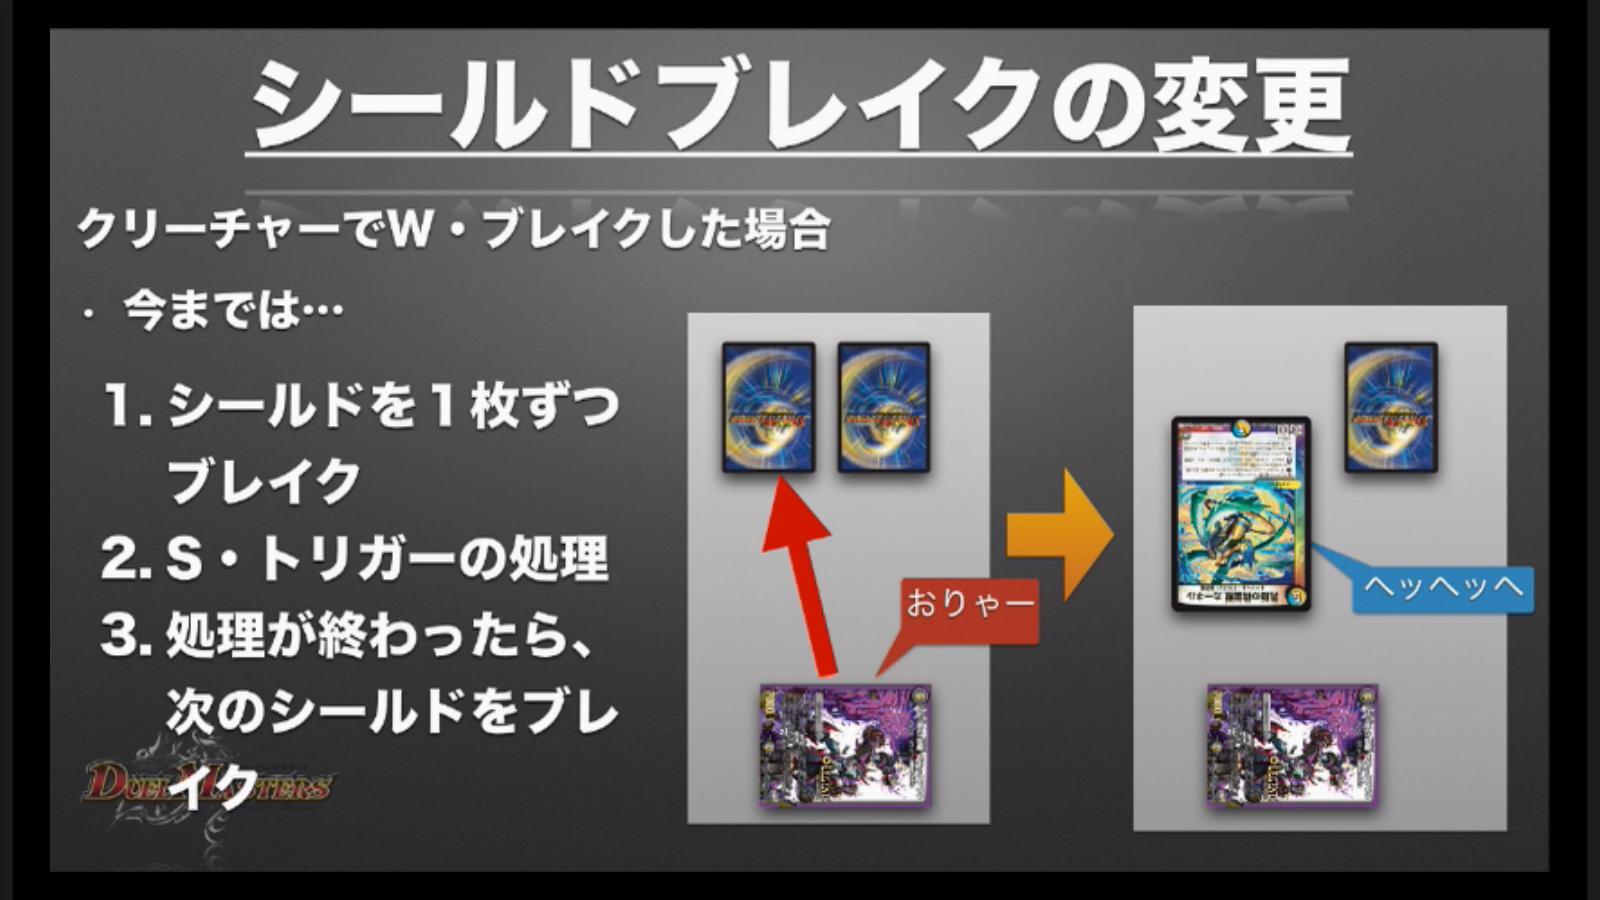 dm-kakumei-finalcup-news-170226-097.jpg